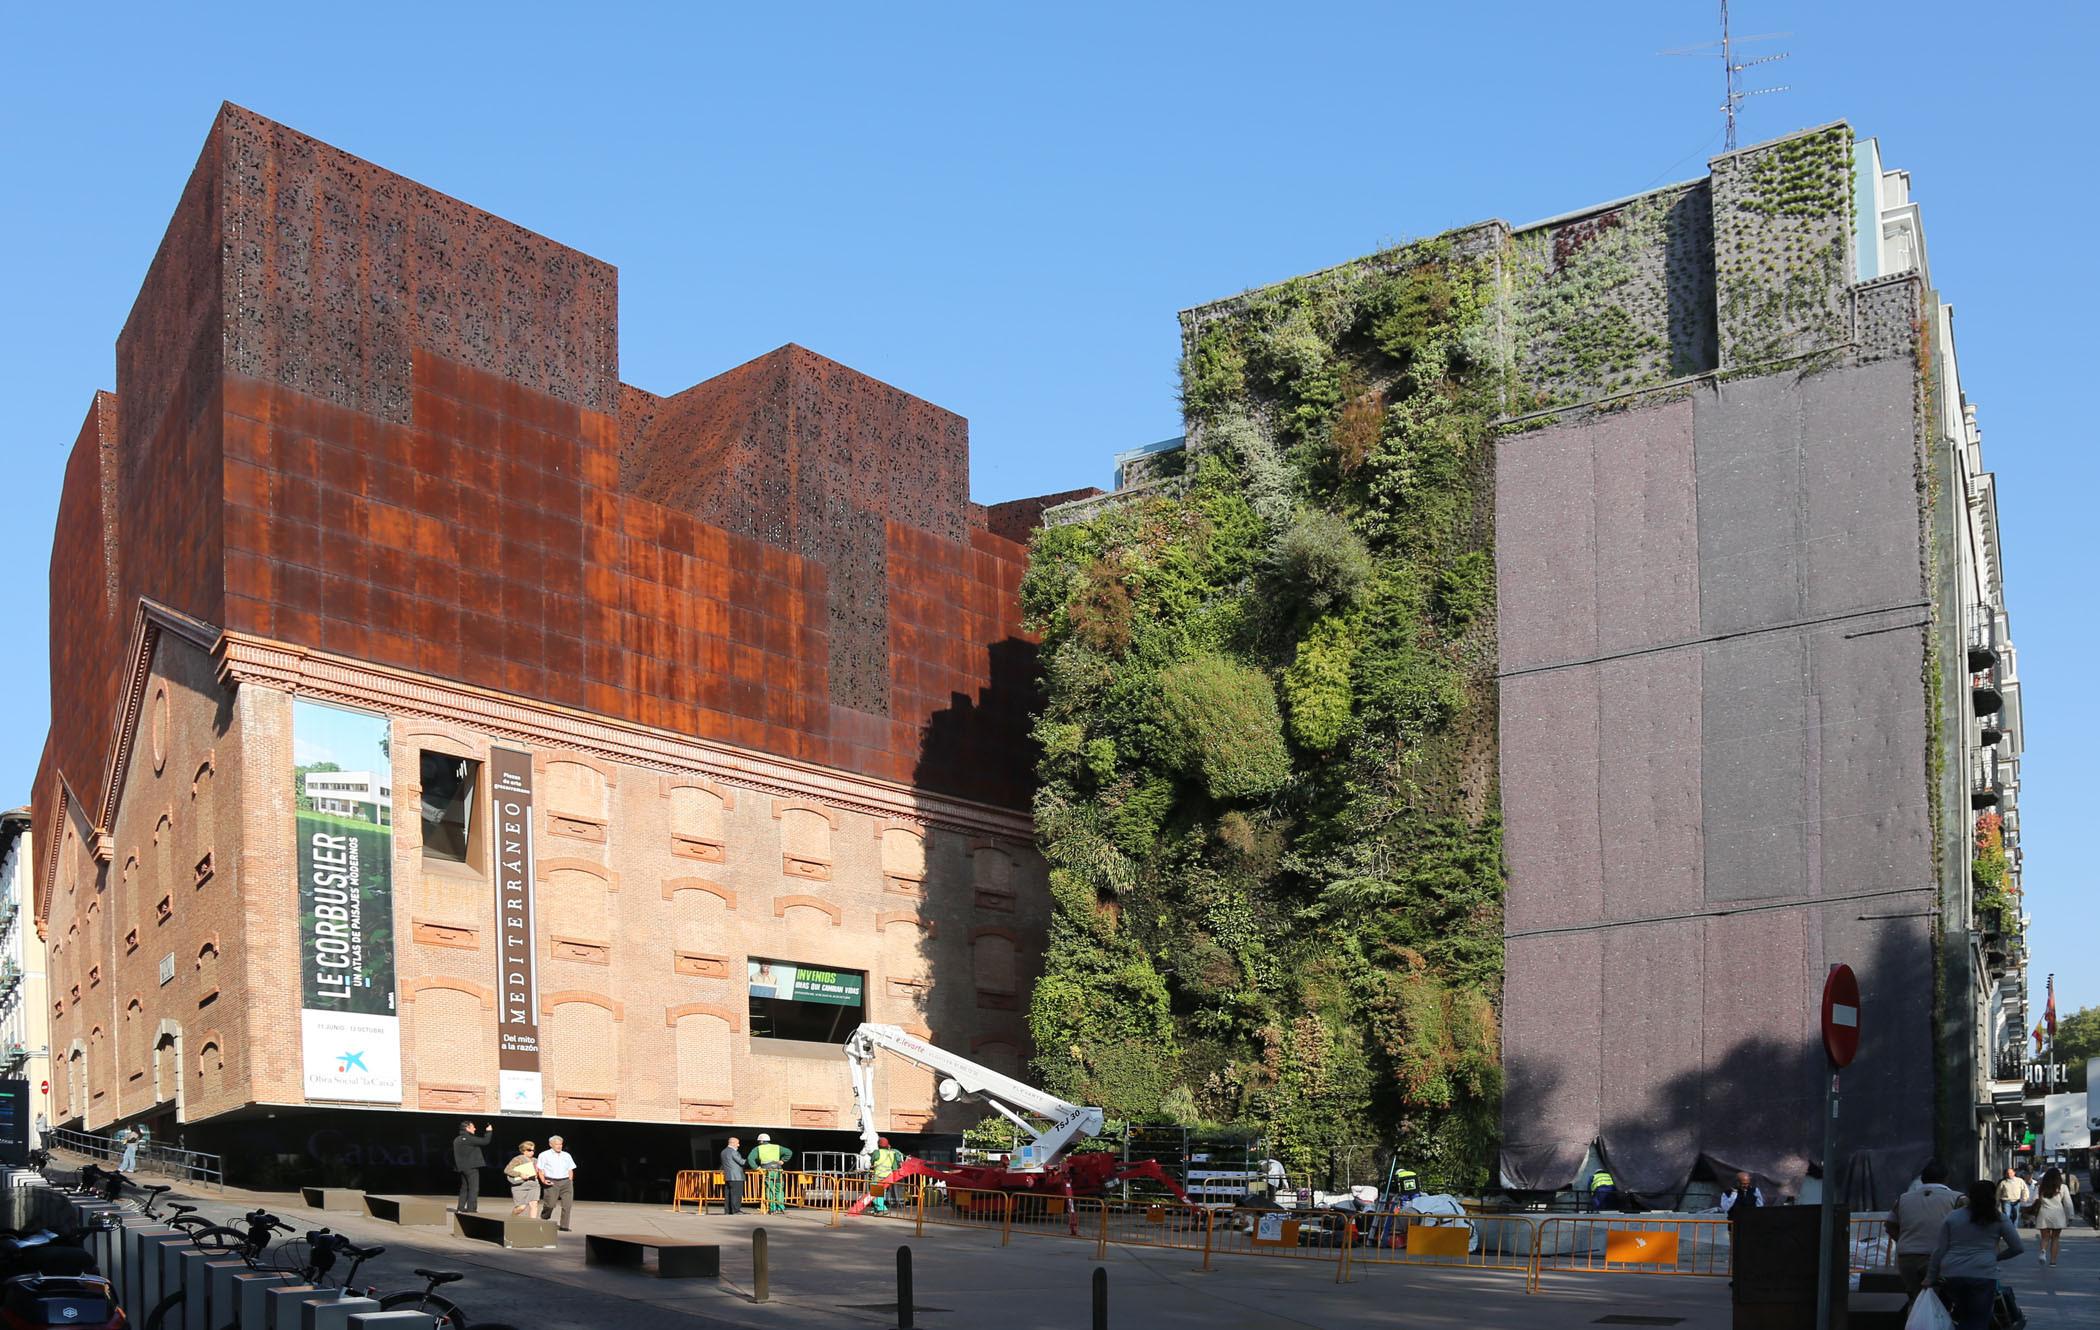 Architettura A Madrid l'architetto errante: madrid - giornale dell